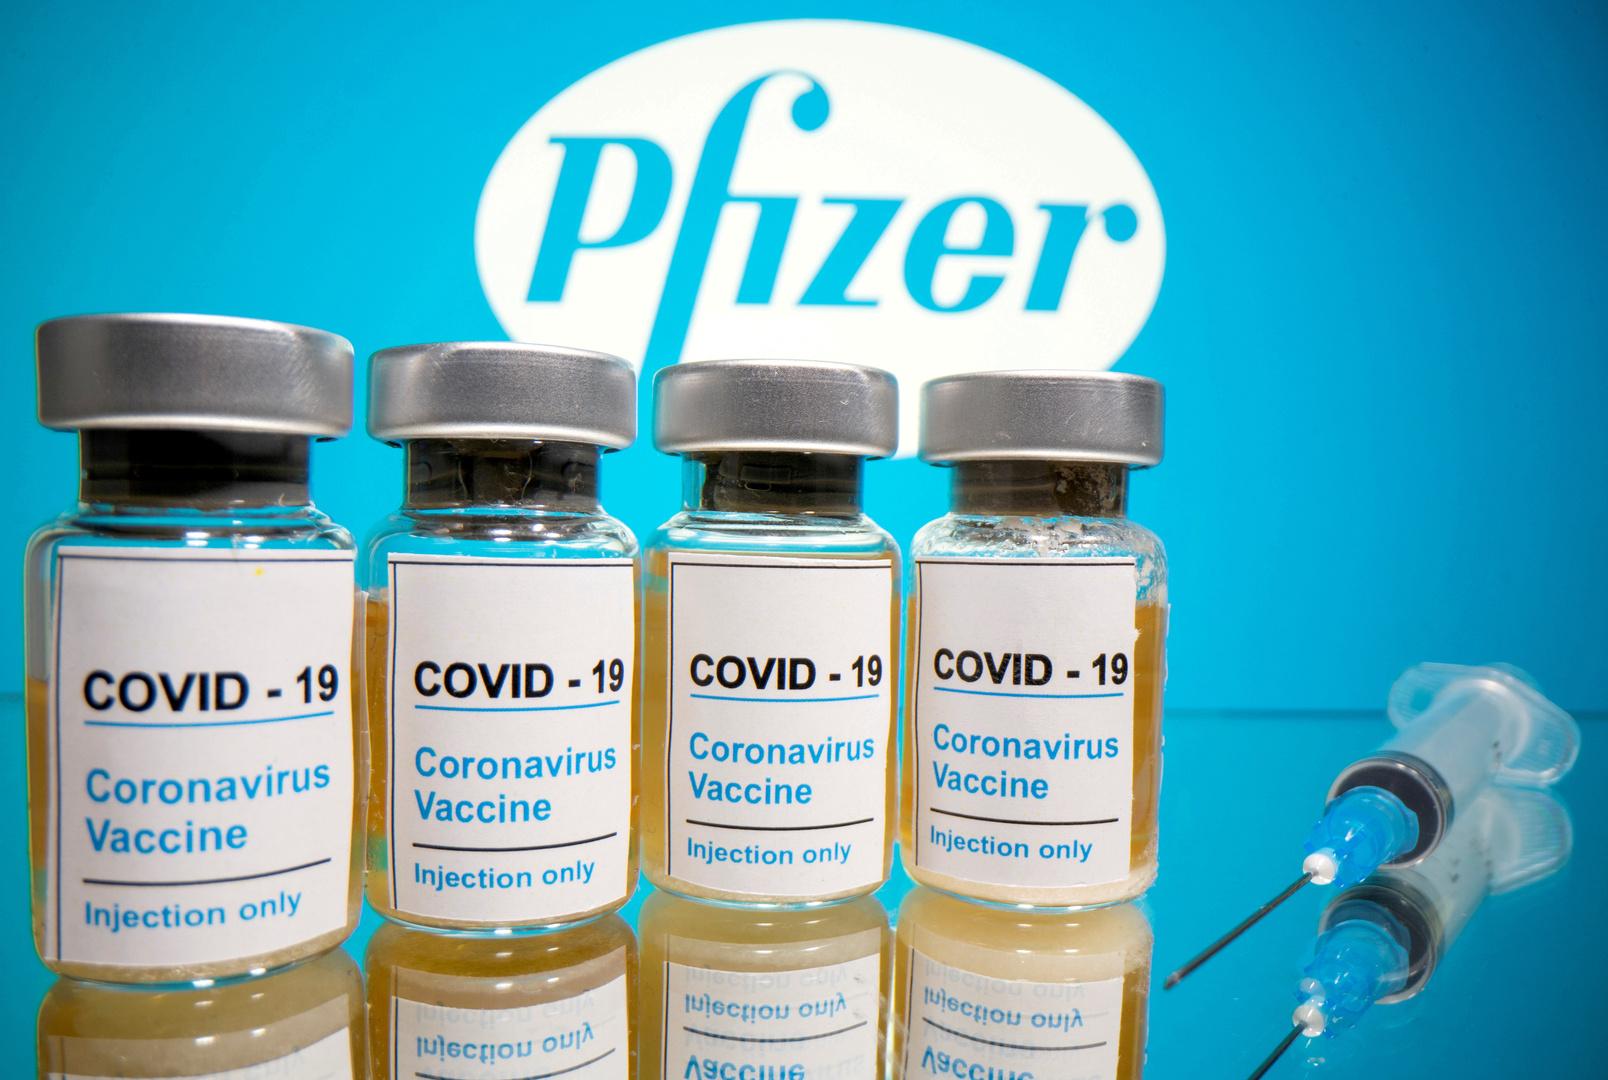 800 ألف جرعة من اللقاح المضاد لفيروس كورونا وصلت اليوم إلى تل أبيب